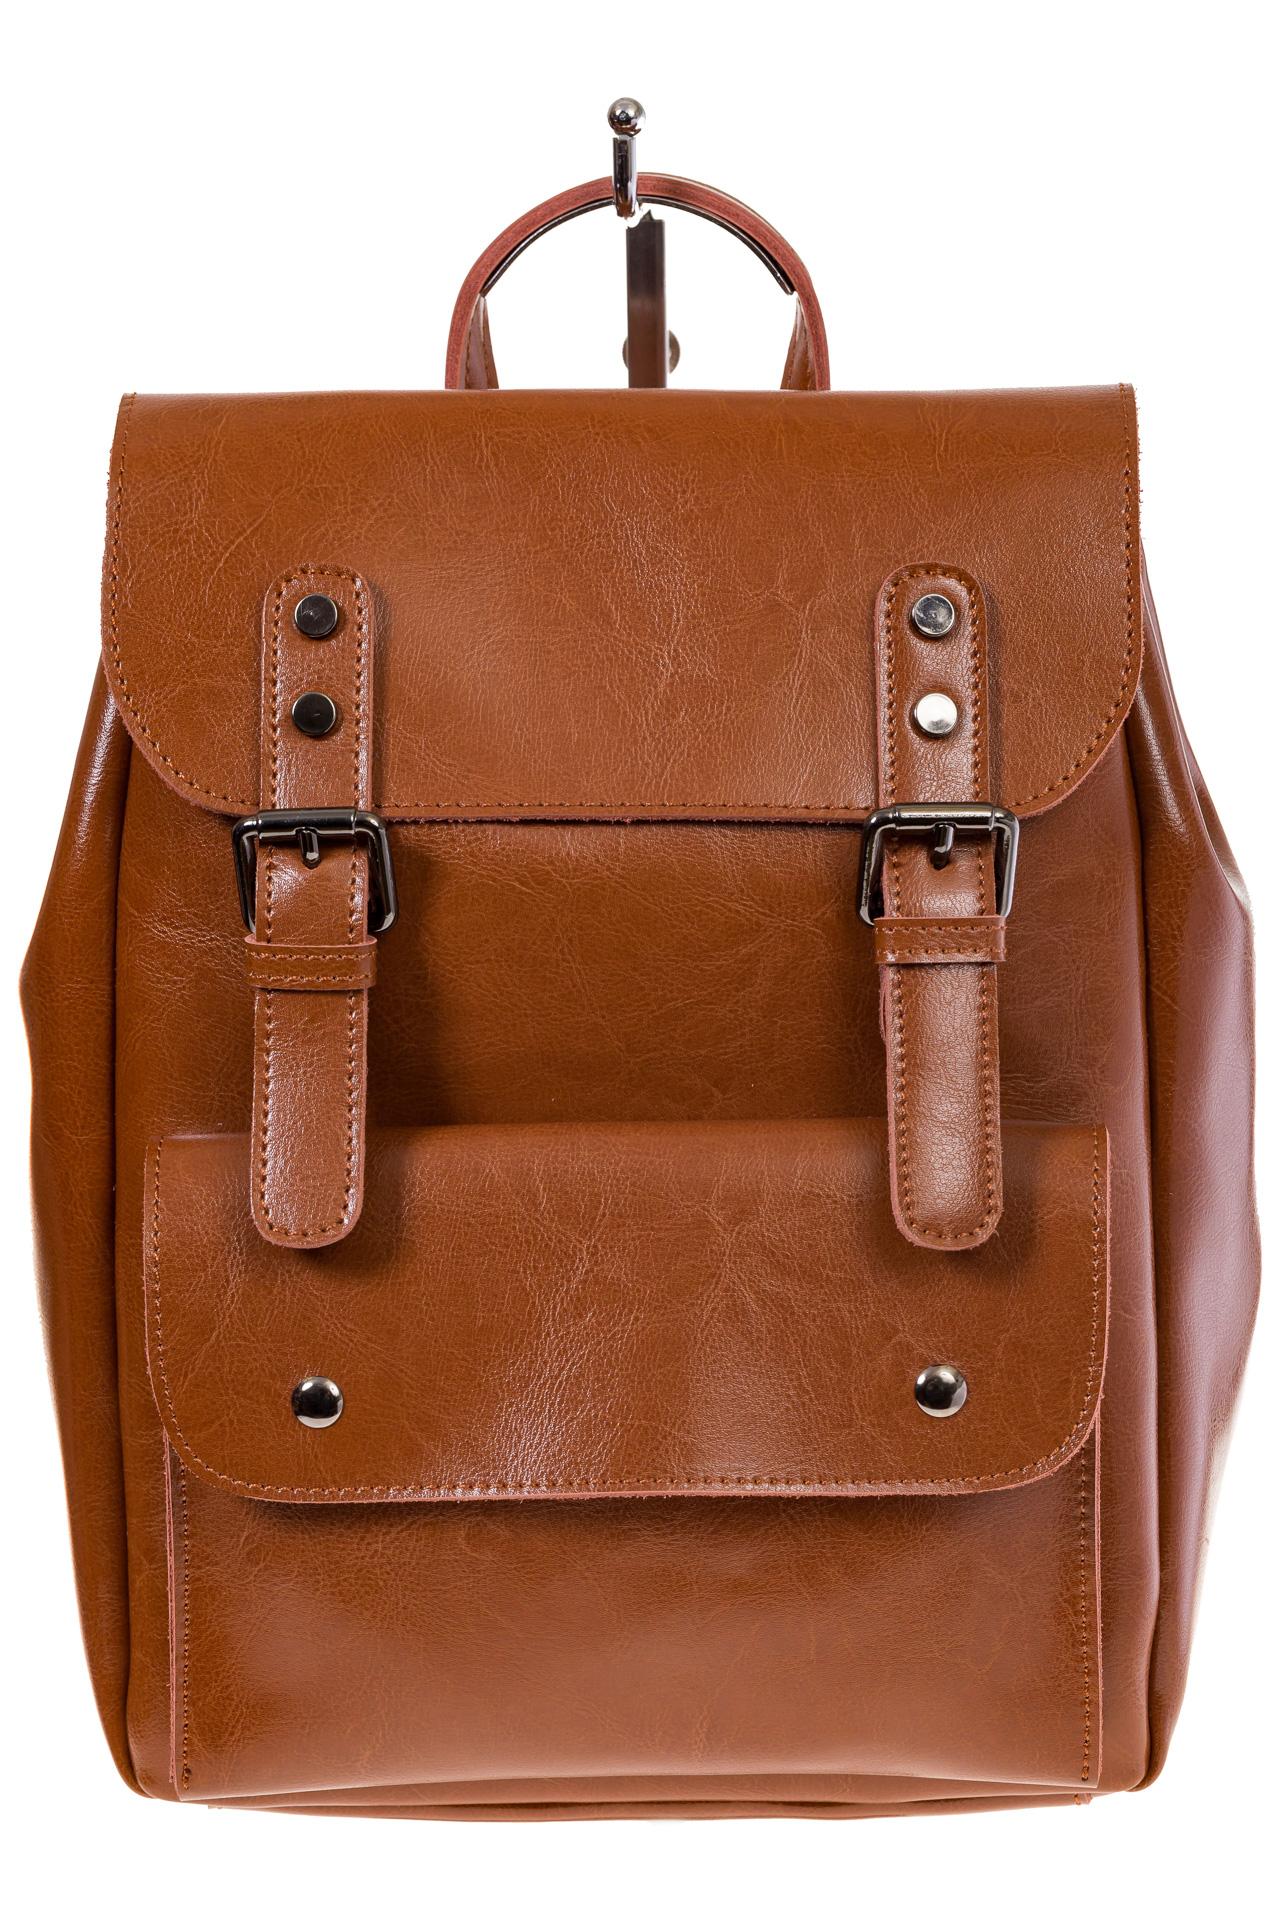 Купить оптом рюкзак из натуральной кожи с верхним клапаном, цвет коньячный, фото спереди